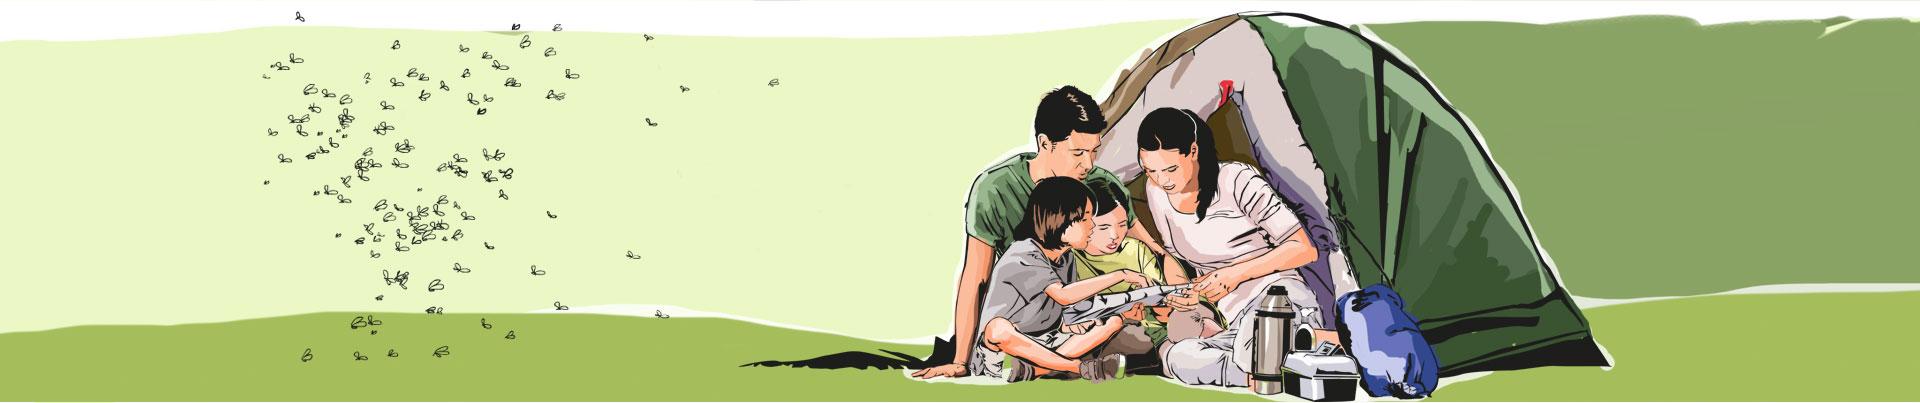 Família se diverte em um camping livre de insetos